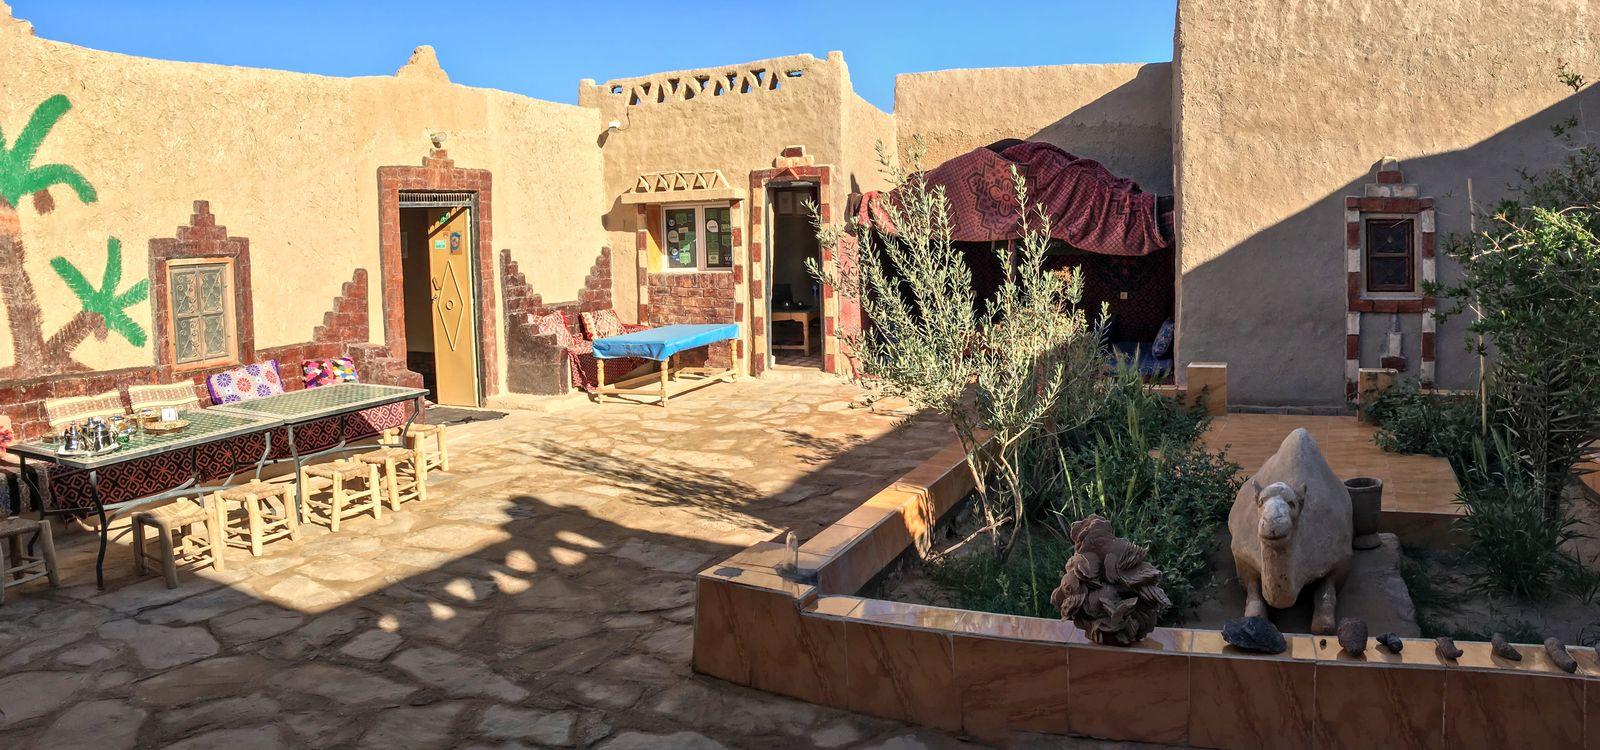 Szállás a sivatagban